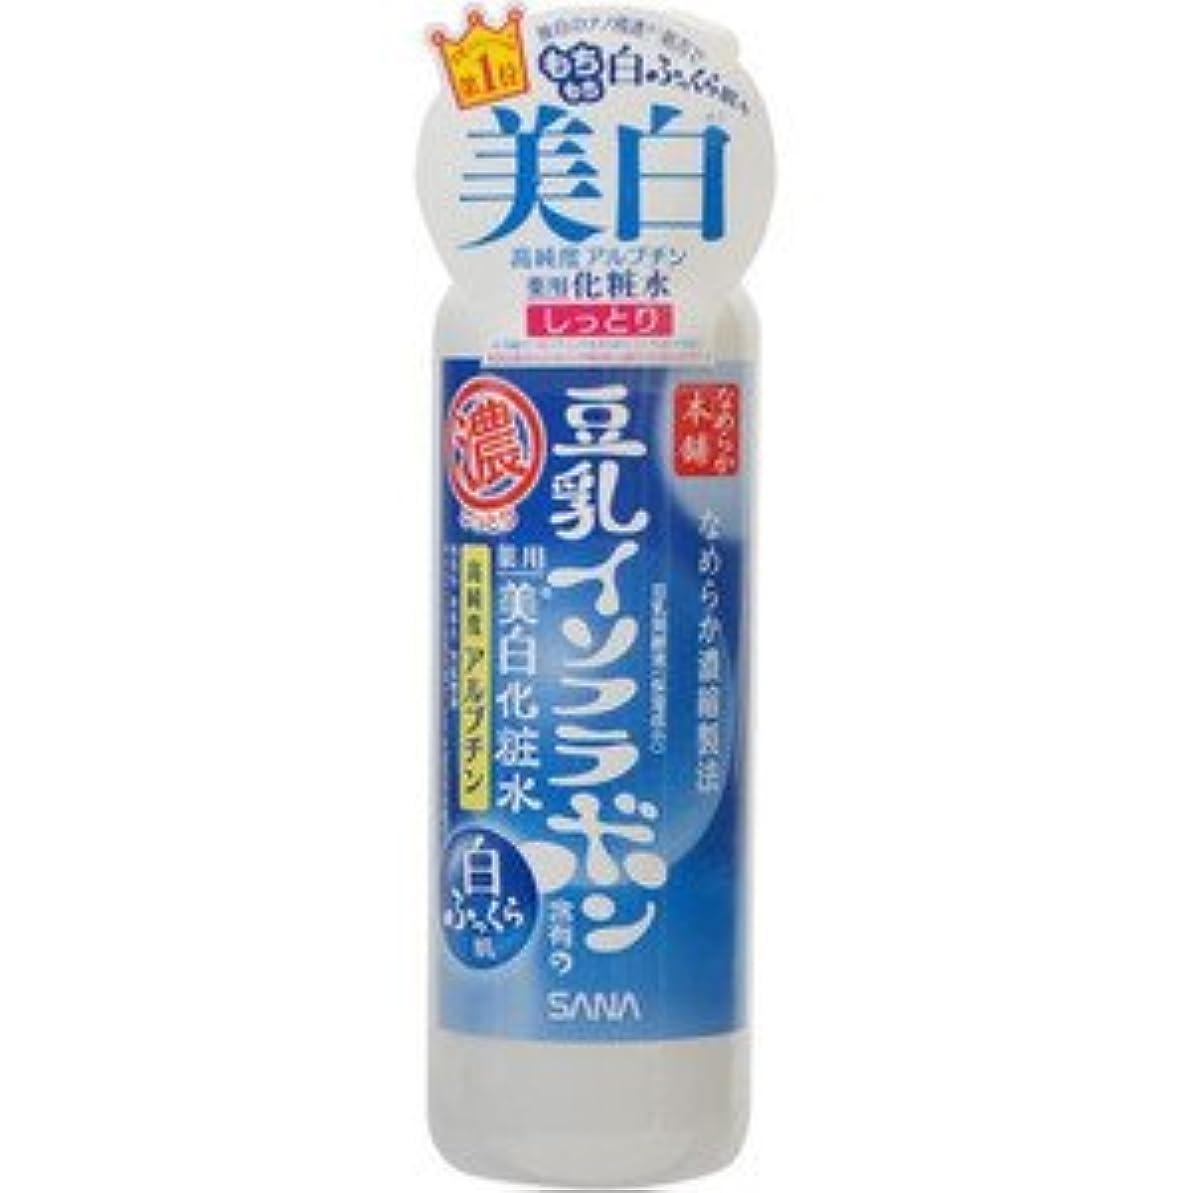 スクリューキャプテン悔い改めサナ なめらか本舗 薬用美白しっとり化粧水 × 3個セット